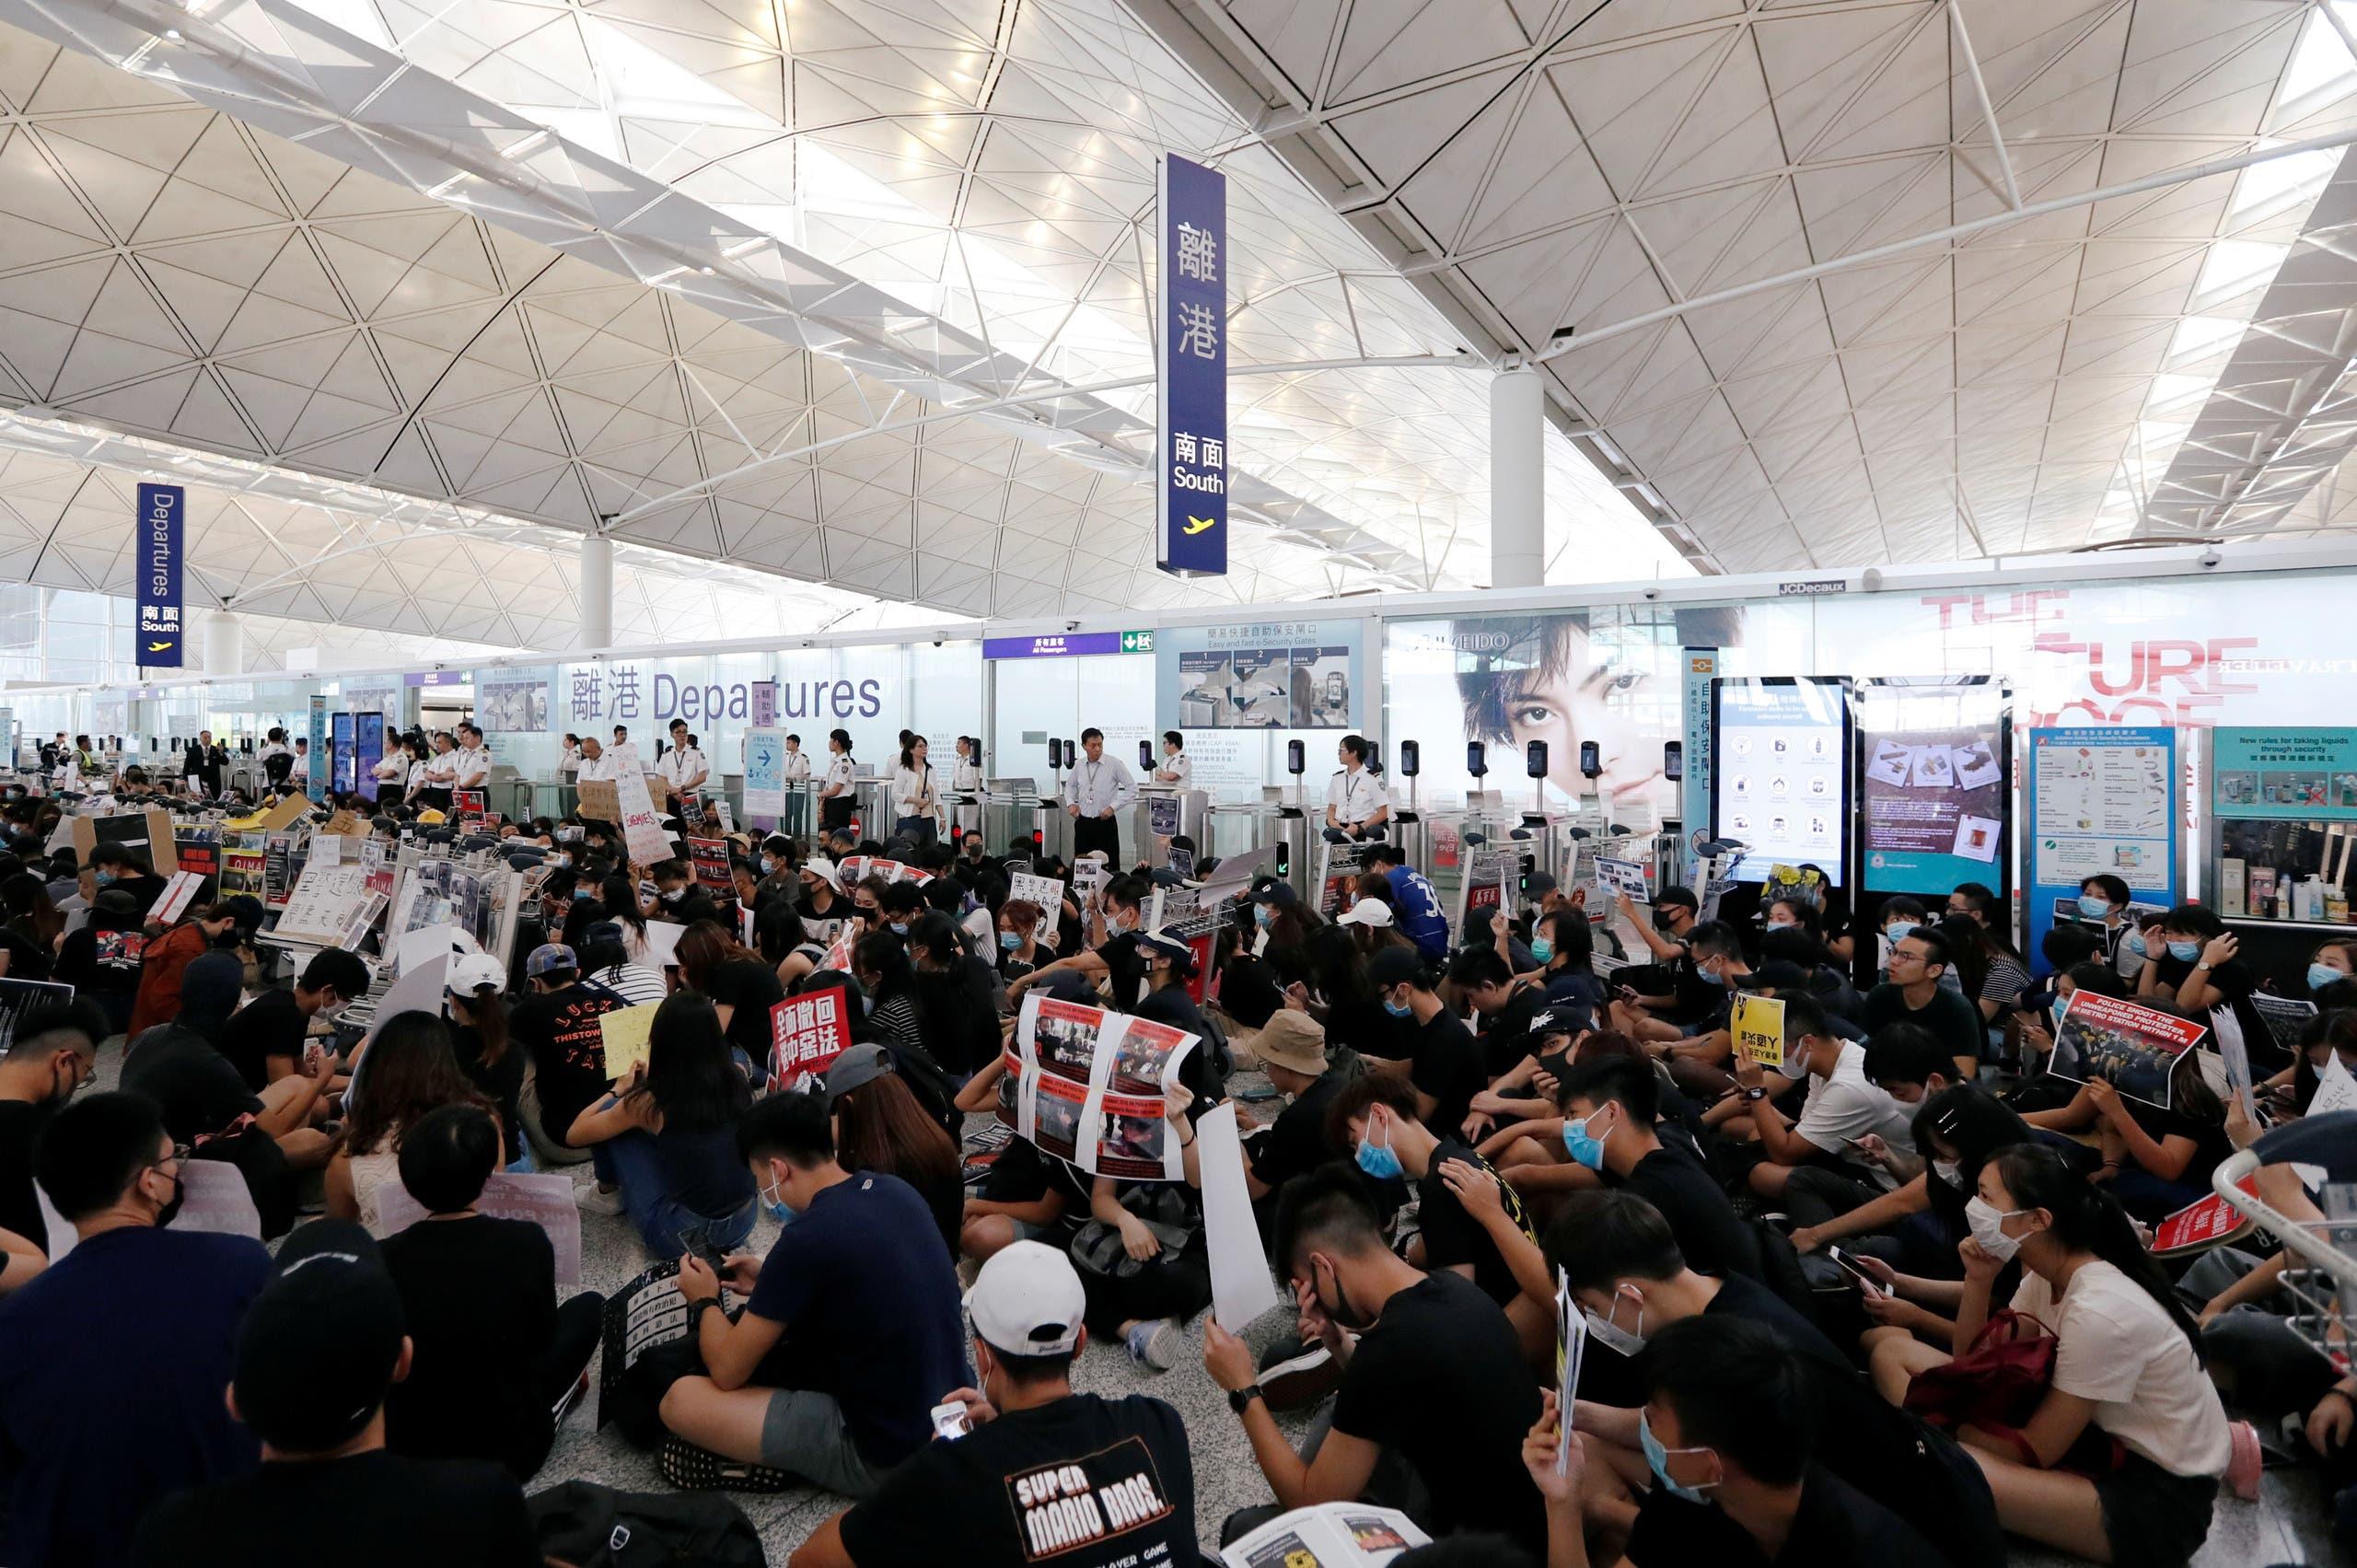 تظاهرات في مطار هونغ كونغ